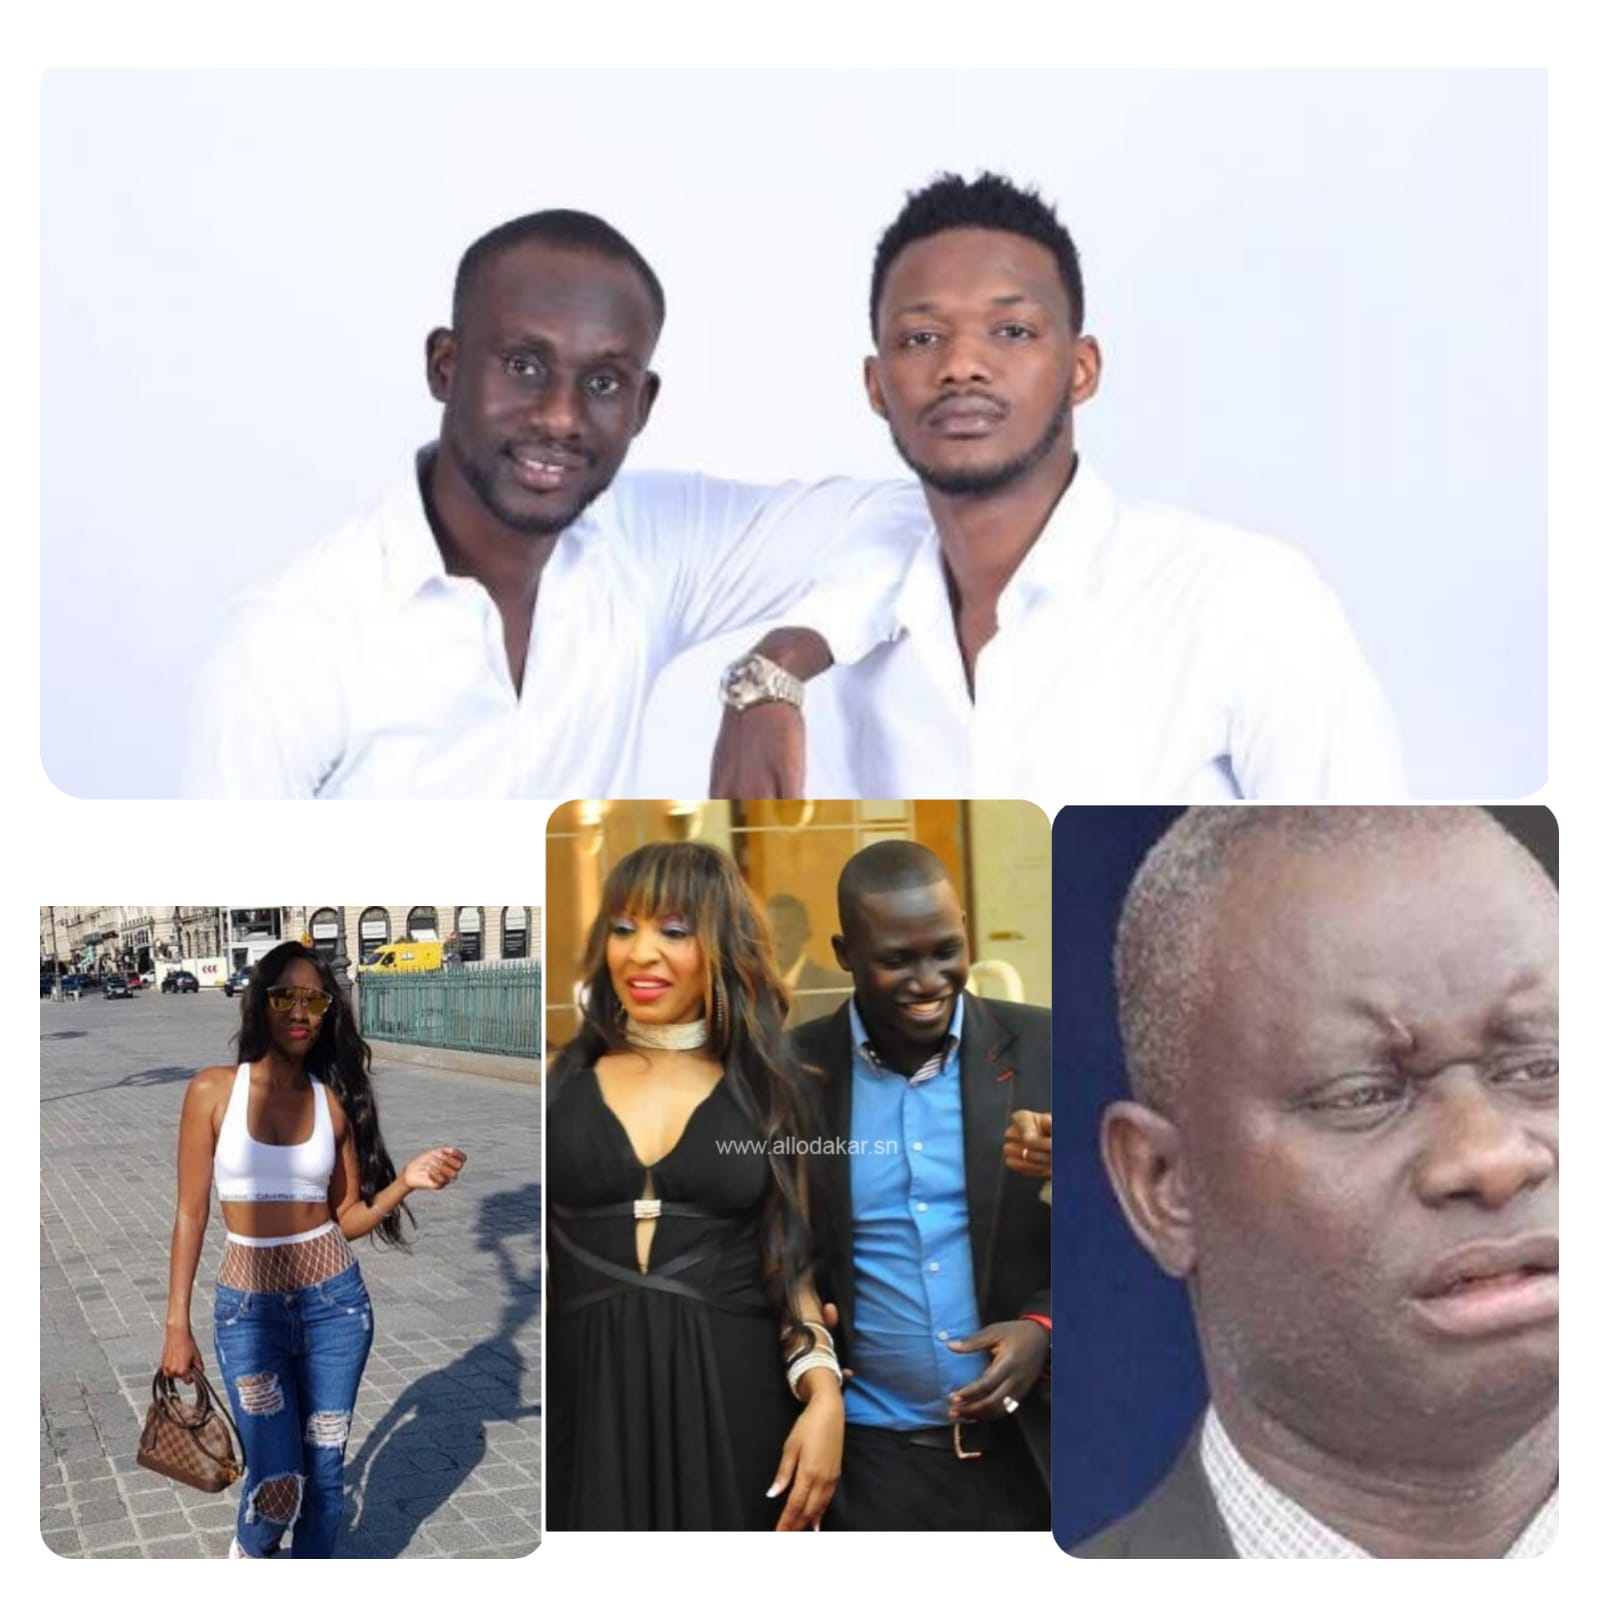 Les surprenantes révélations de Akhlou Brick sur Queen Biz, affaires Diop ISEG Dieyna,et l'histoire du manager de Viviane Djidiack sur les visas.